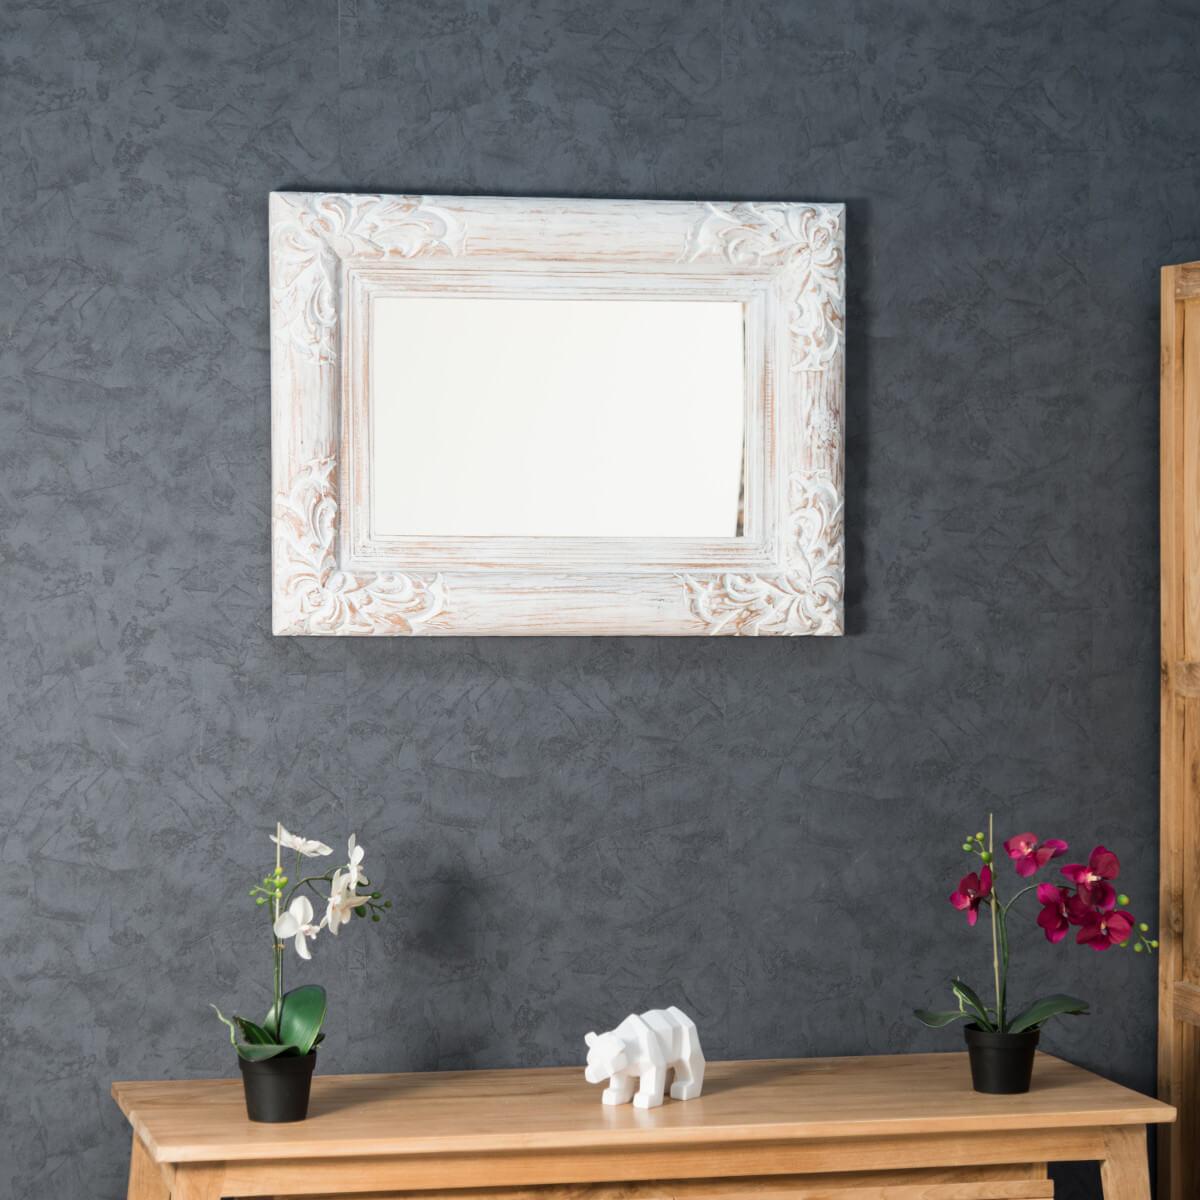 Miroir de d coration en bois massif valence rectangulaire bois patin c rus blanc d 60 - Meuble valence ...